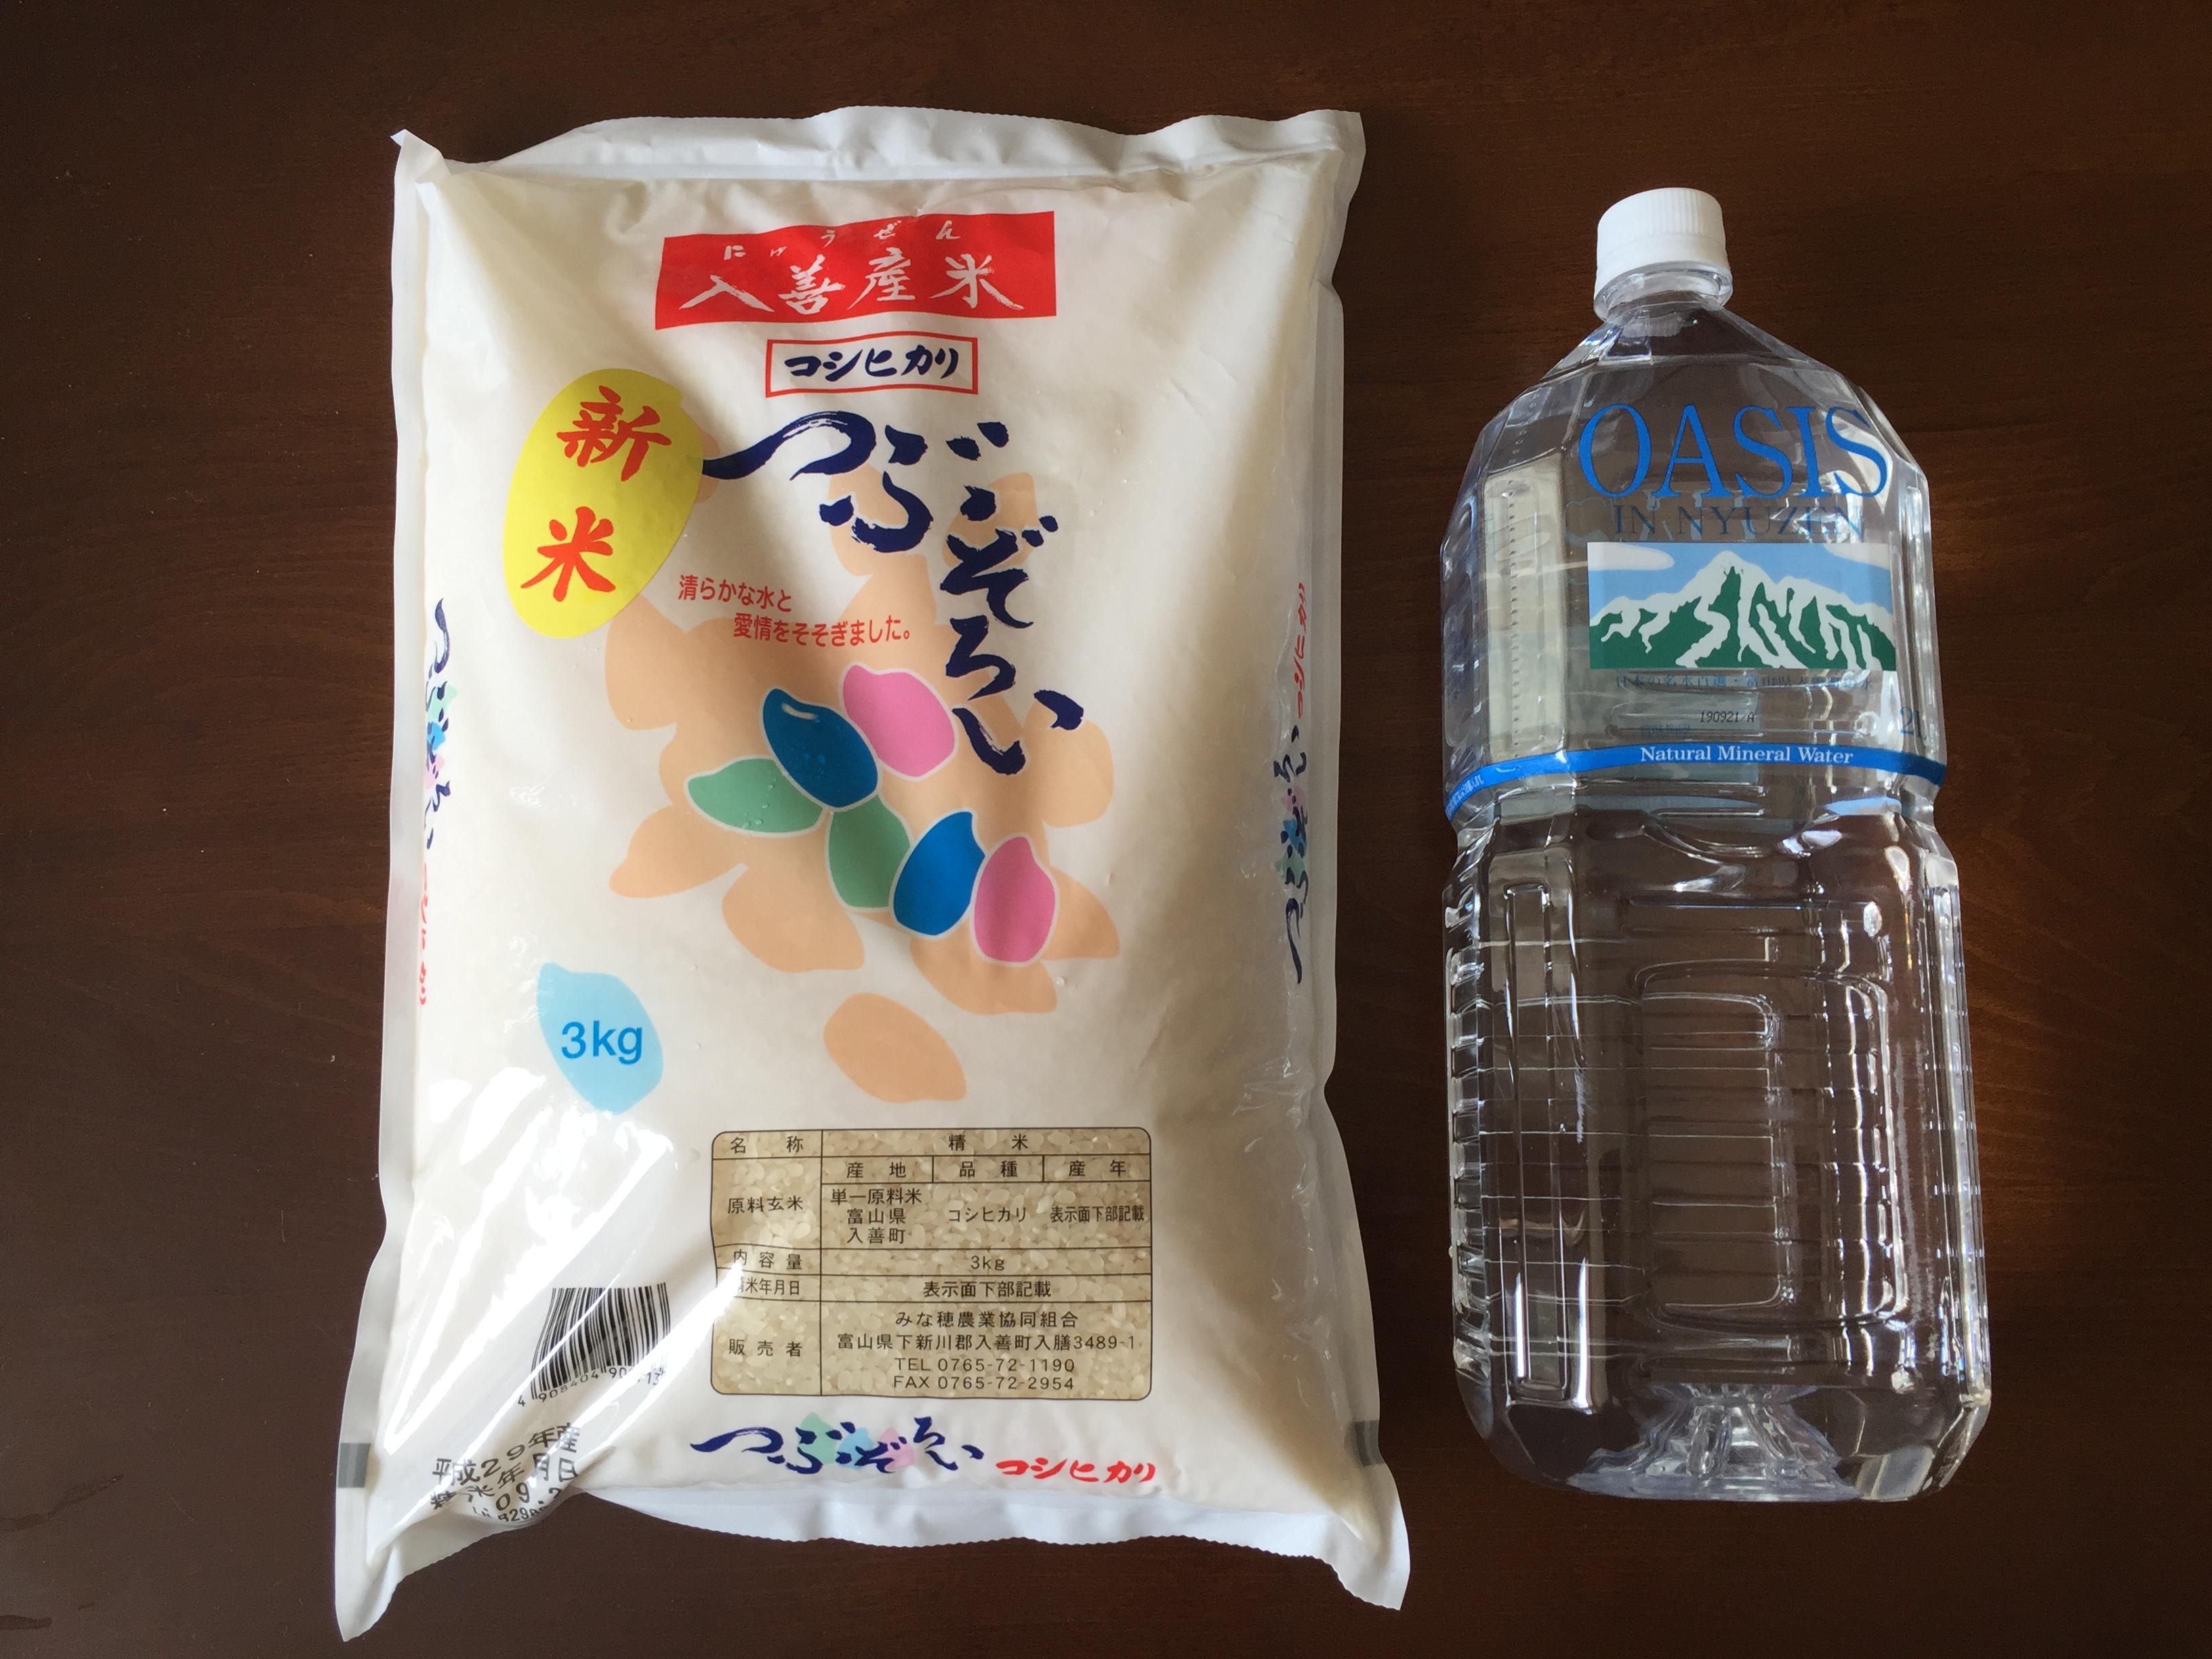 田中精密工業から株主優待 入善産コシヒカリ「つぶぞろい」と天然水